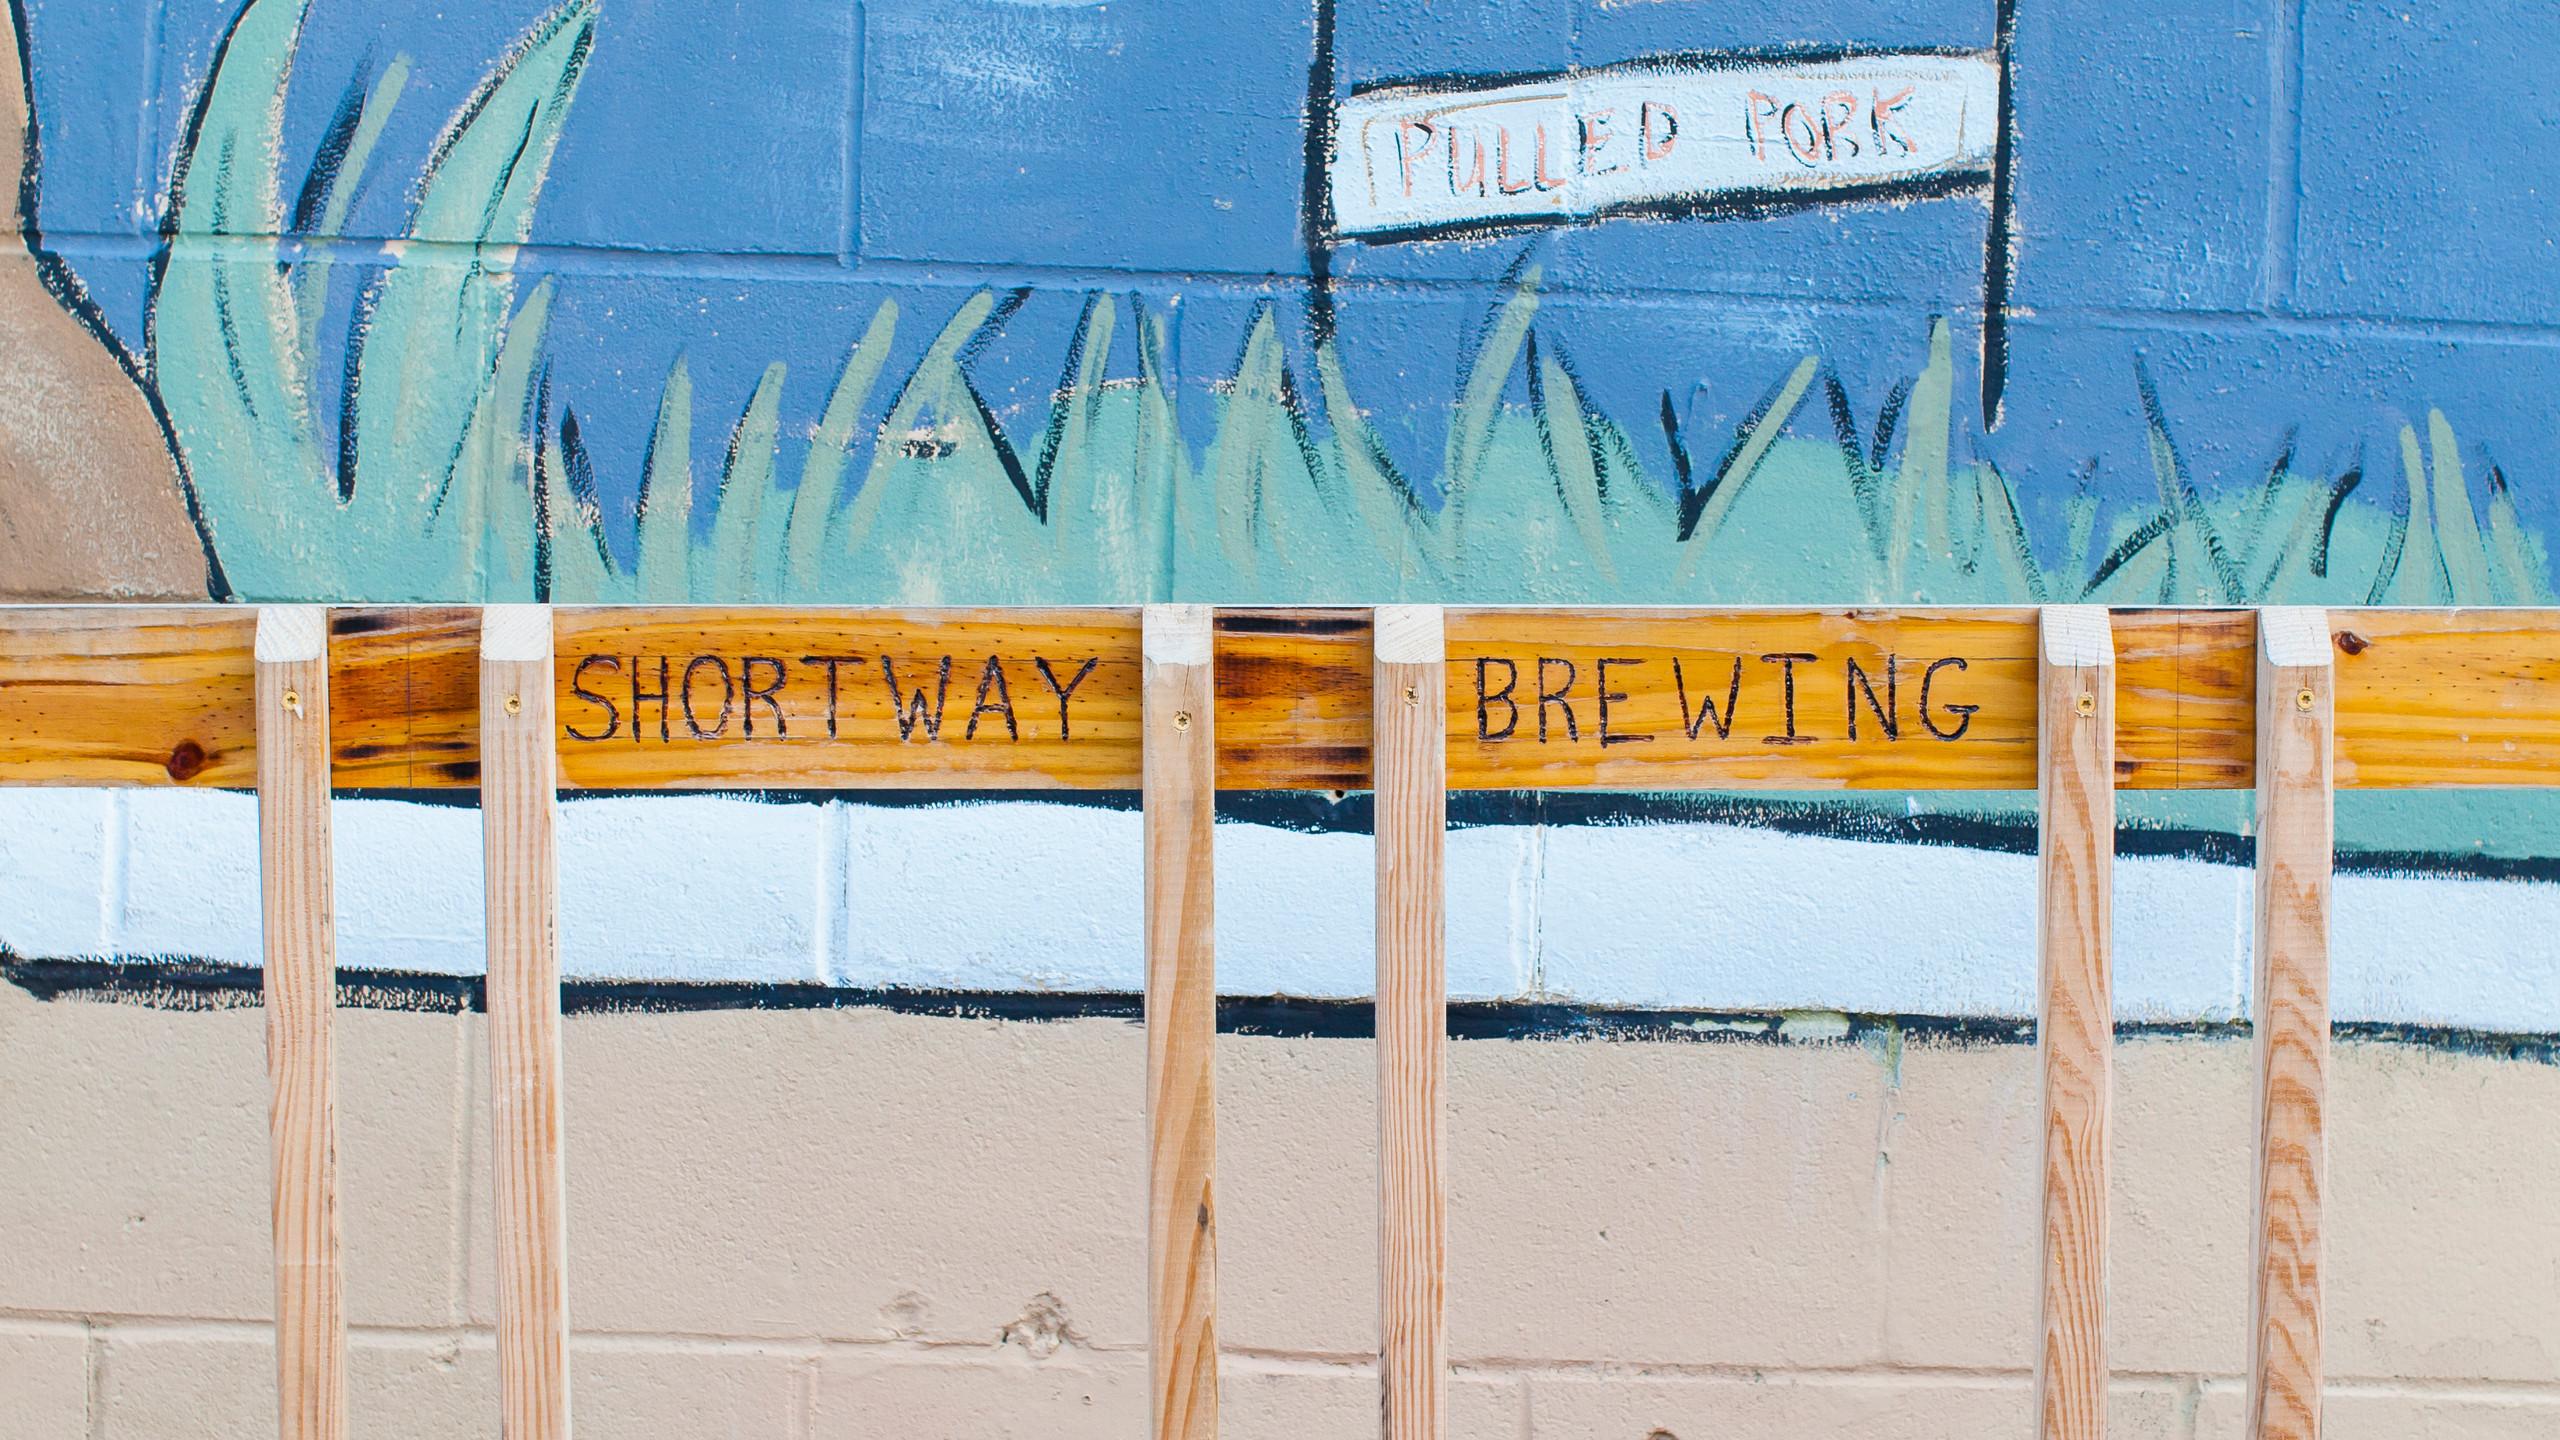 Shortway Brewing Company